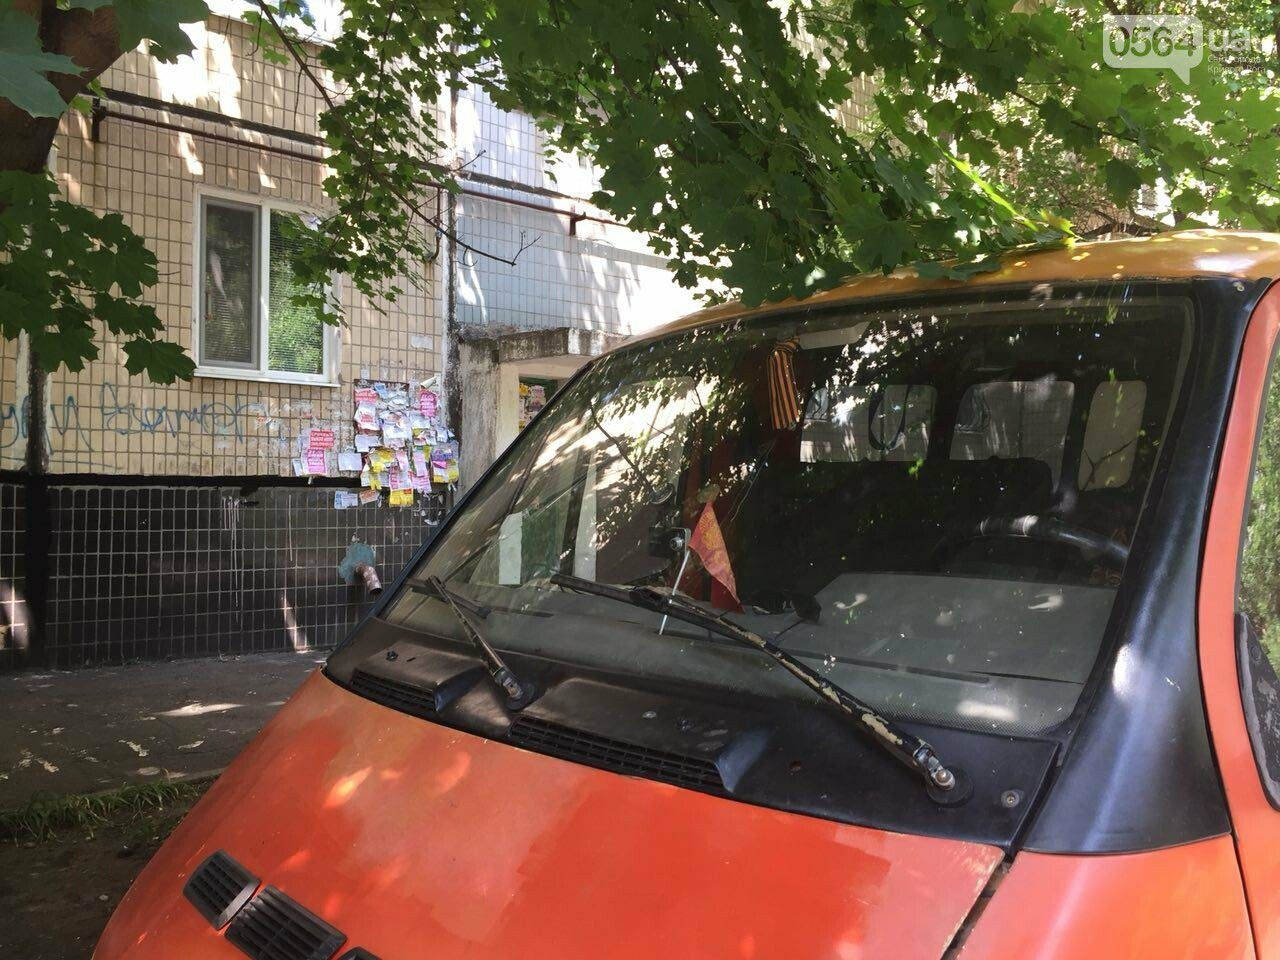 """""""Почему я должен менять свою веру!"""", - Возле многоэтажки в Кривом Роге обнаружили автомобиль с запрещенной символикой, - ФОТО, фото-4"""